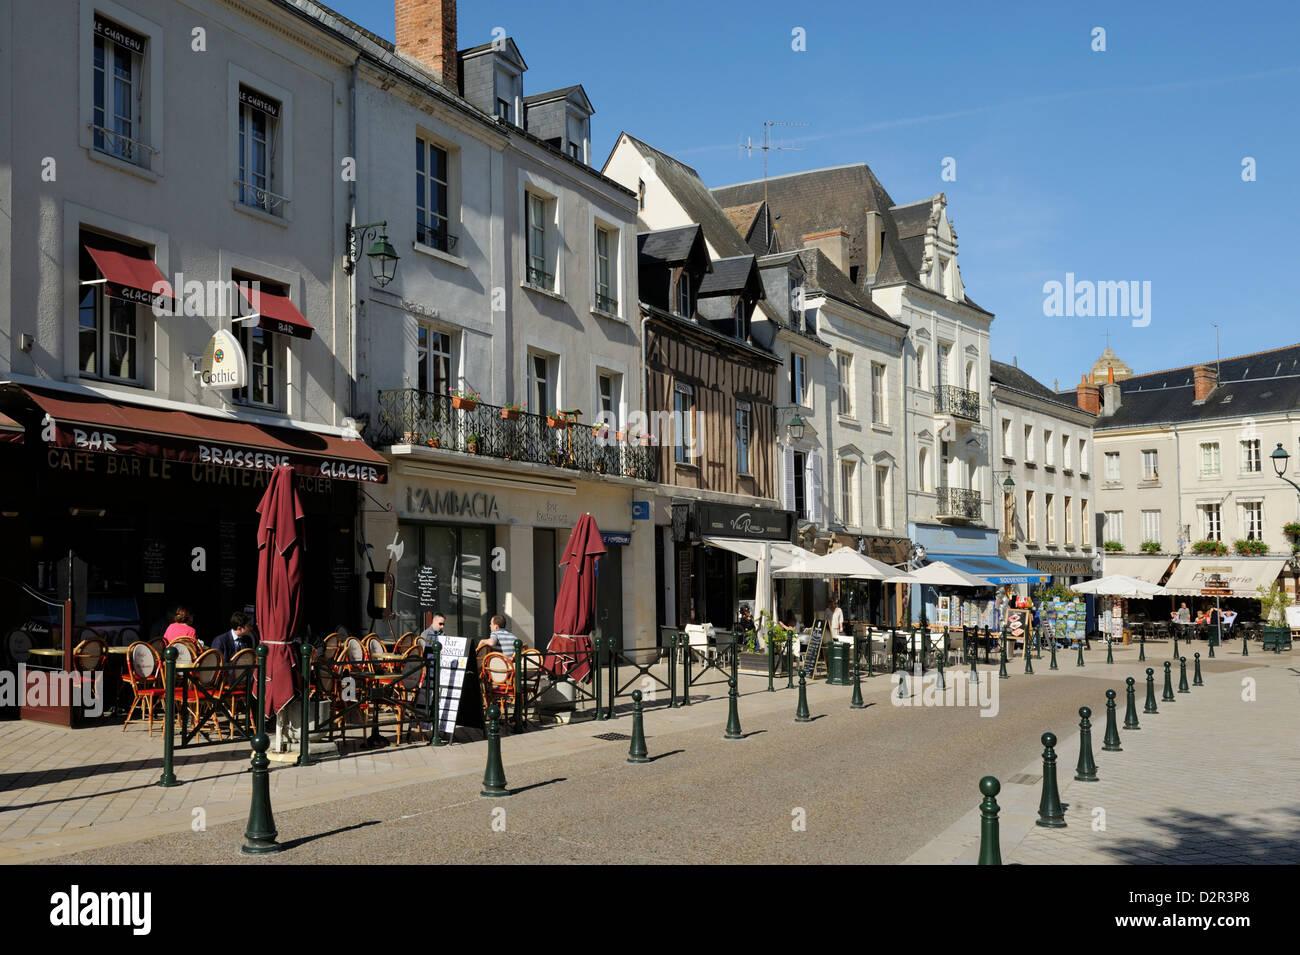 Alfresco cafes, Place Michel Debre, Amboise, UNESCO World Heritage Site, Indre-et-Loire, Centre, France, Europe - Stock Image